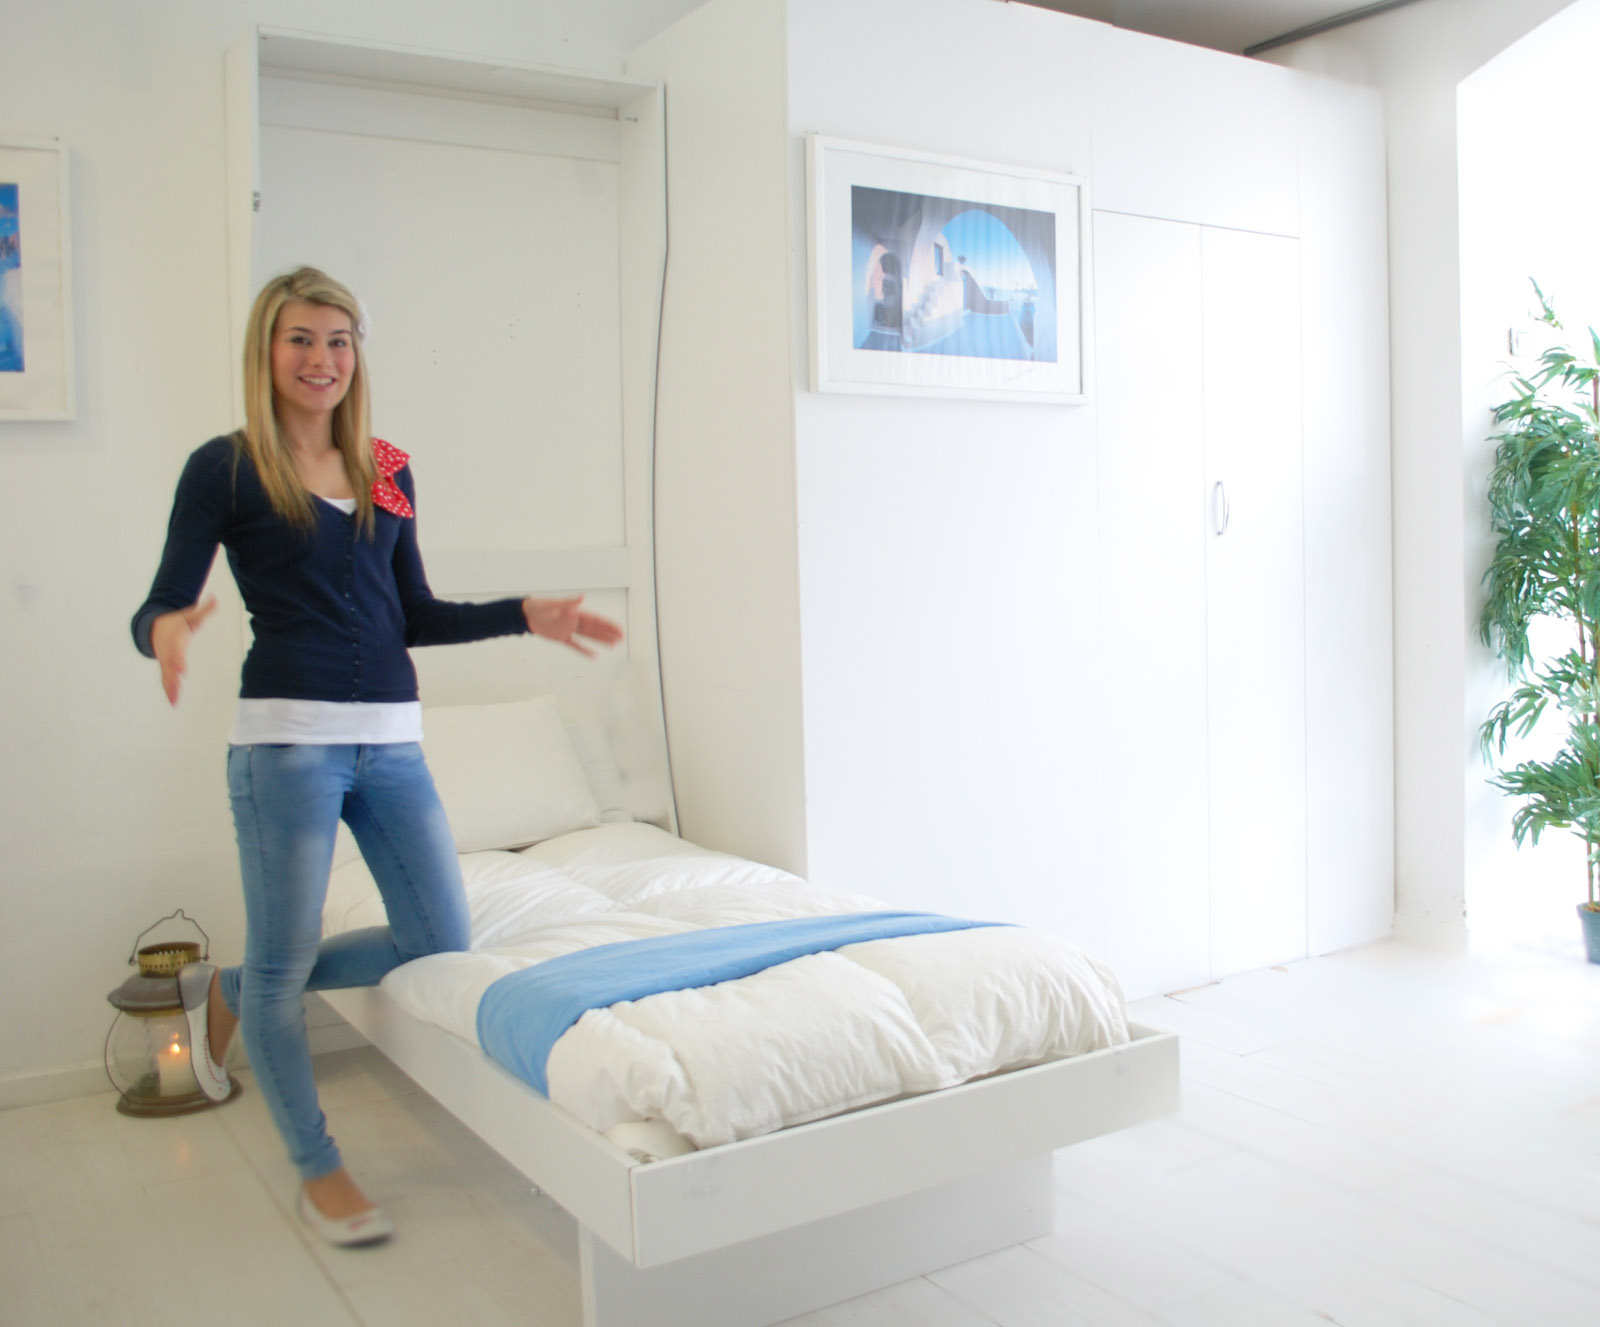 Acquista Letti A Scomparsa a Parete - vivilospazio - mobili ...